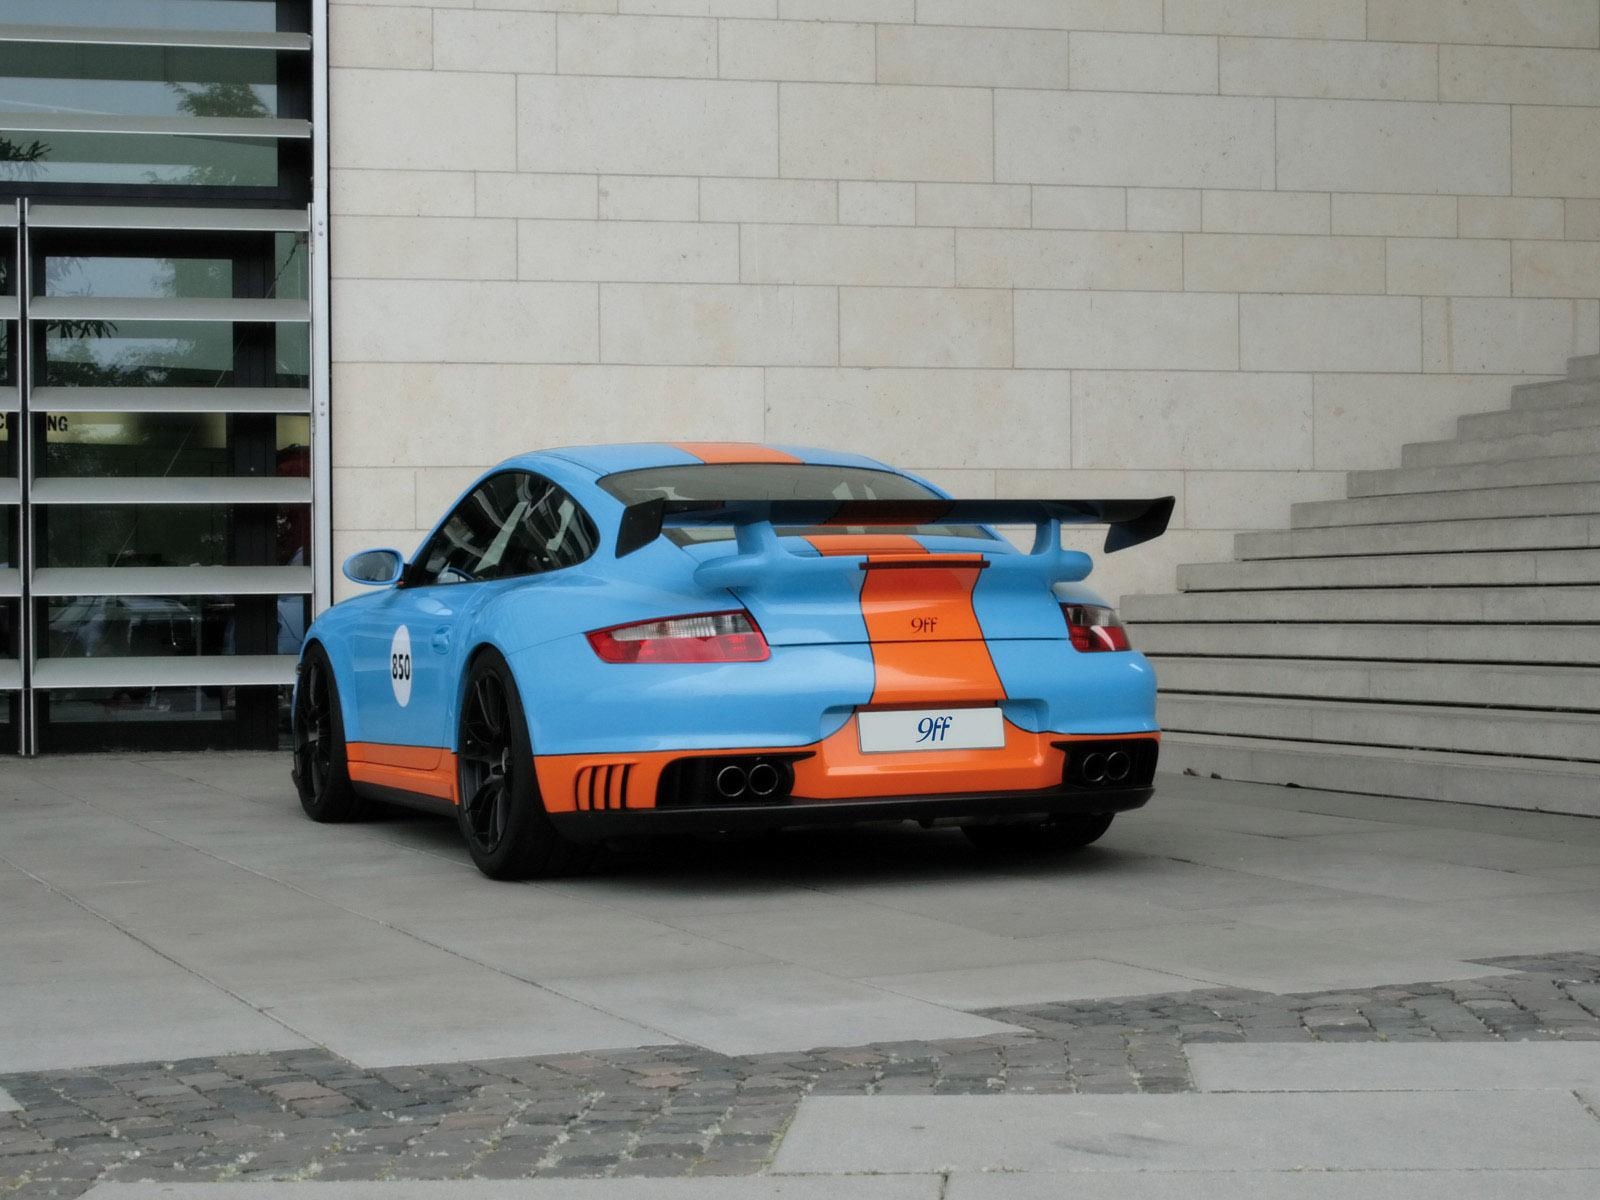 2009 9ff Porsche 997 BT 2